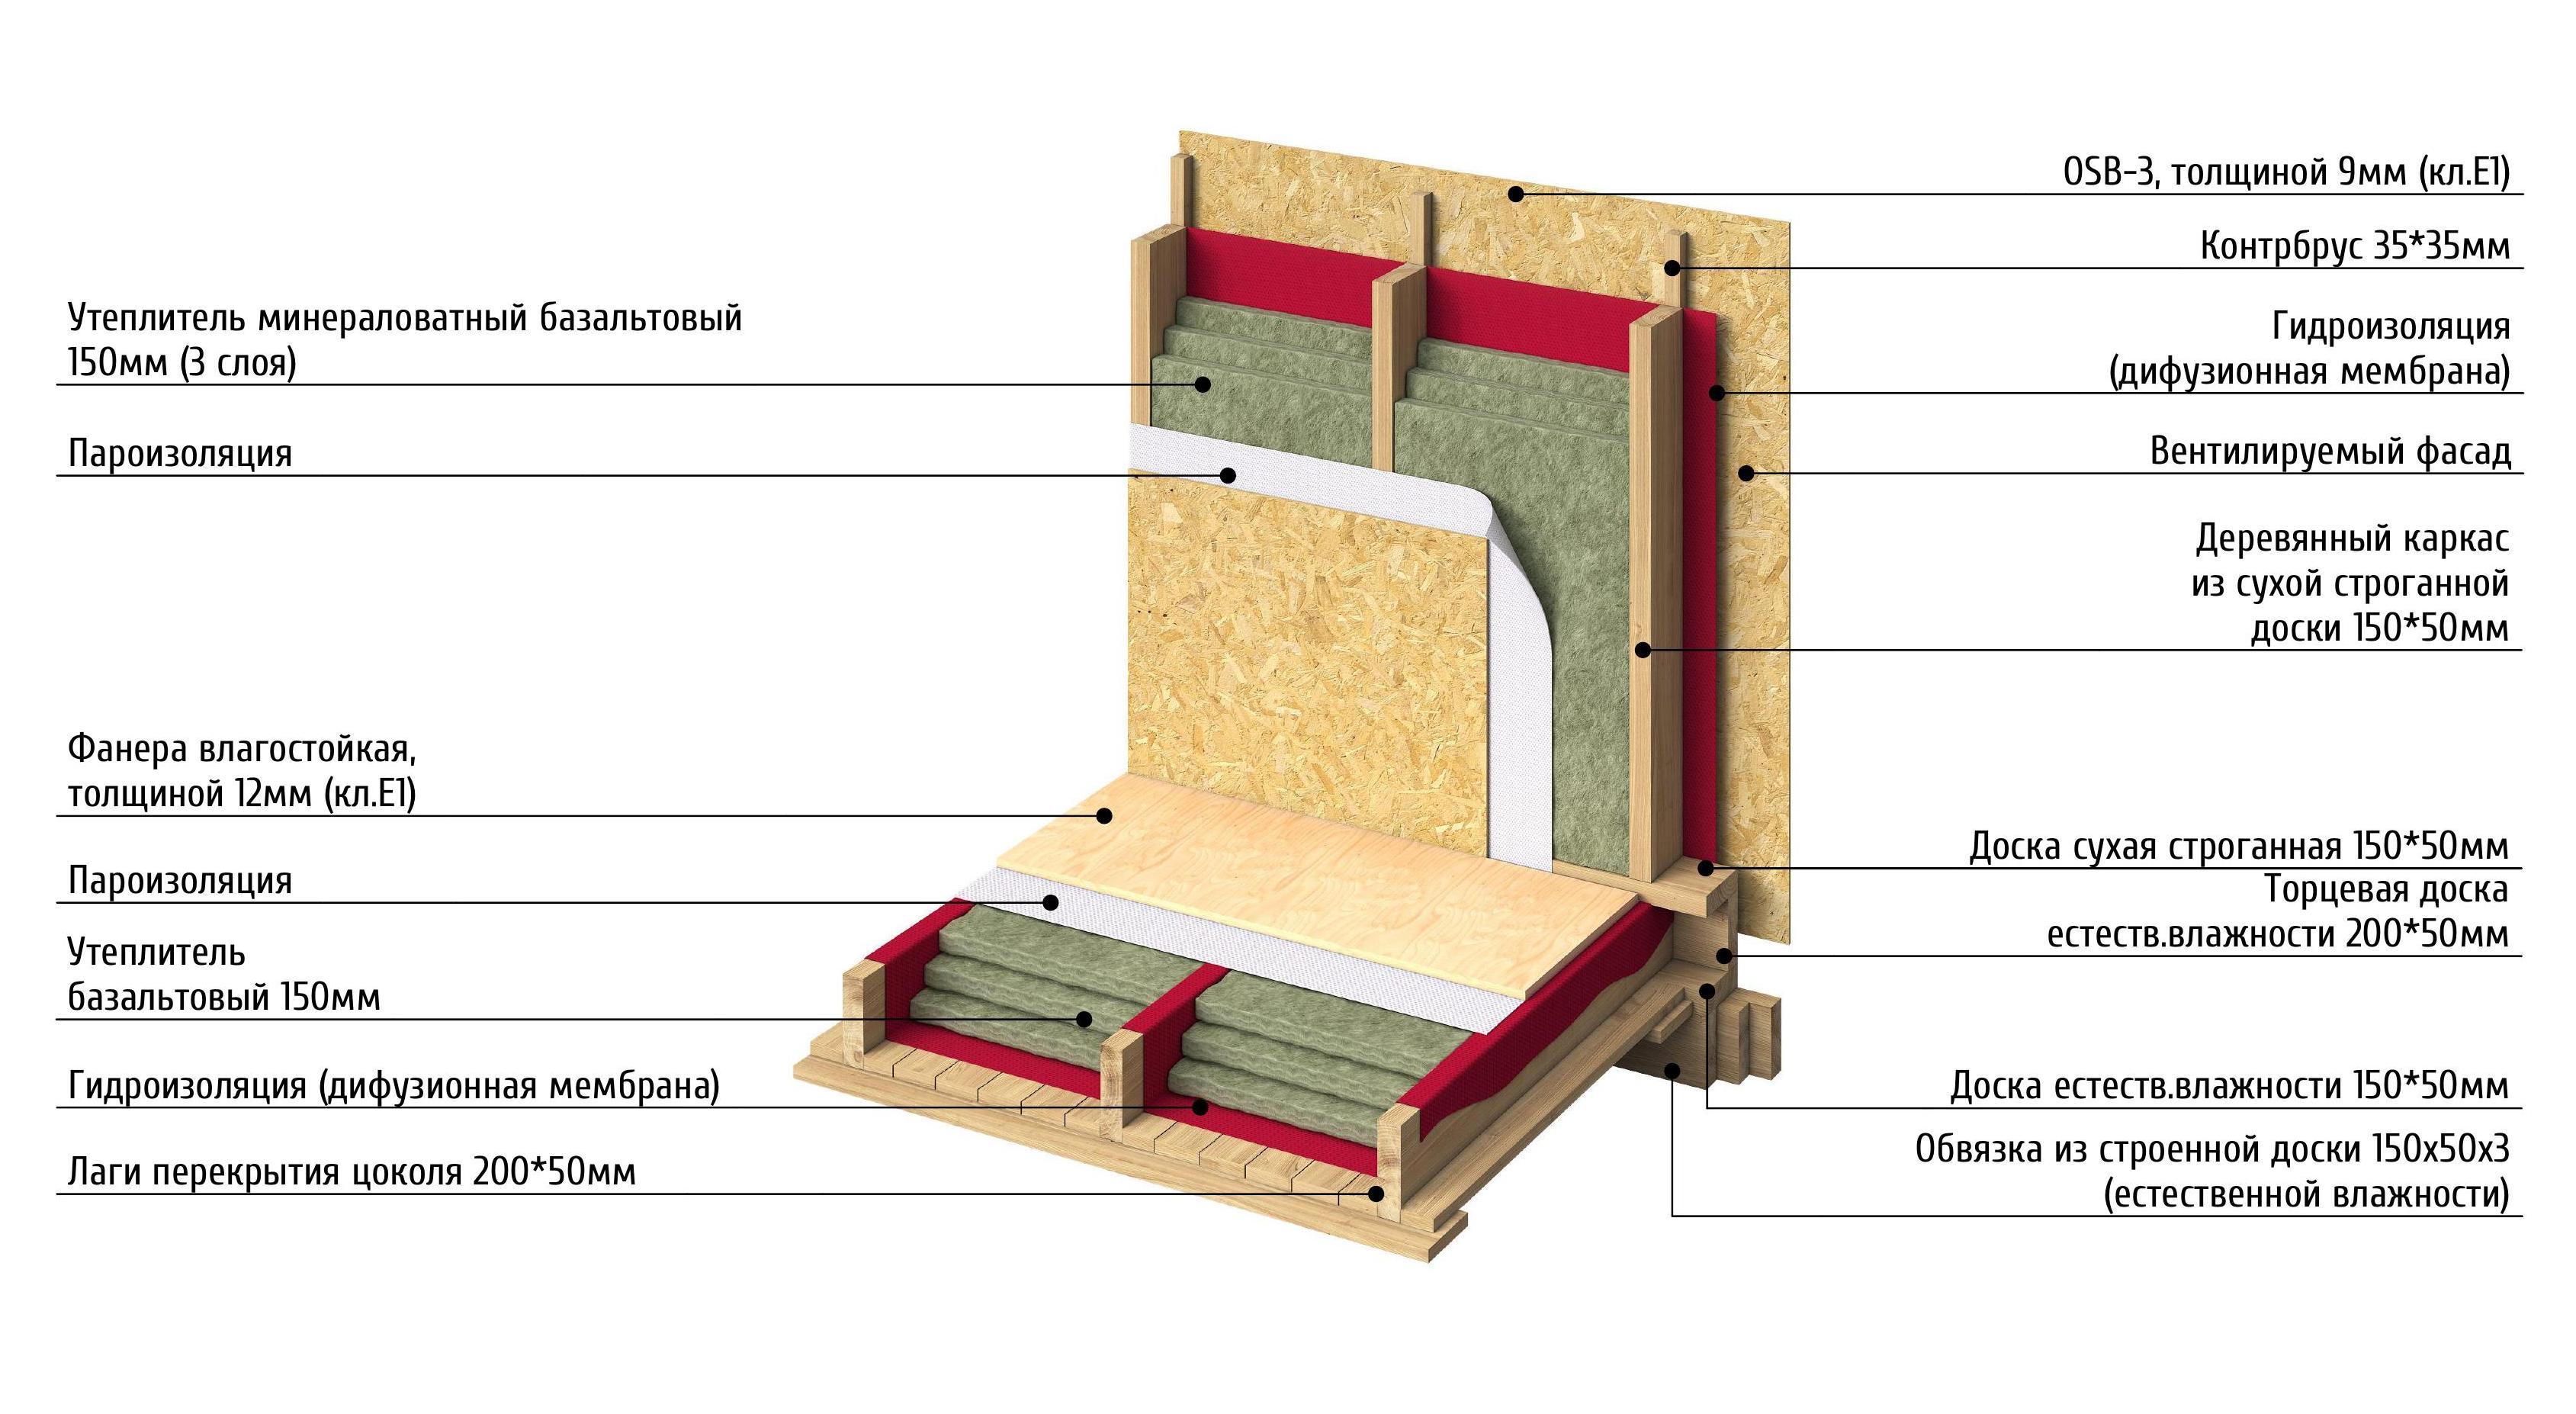 Способы утепления стен дома минватой изнутри и снаружи.